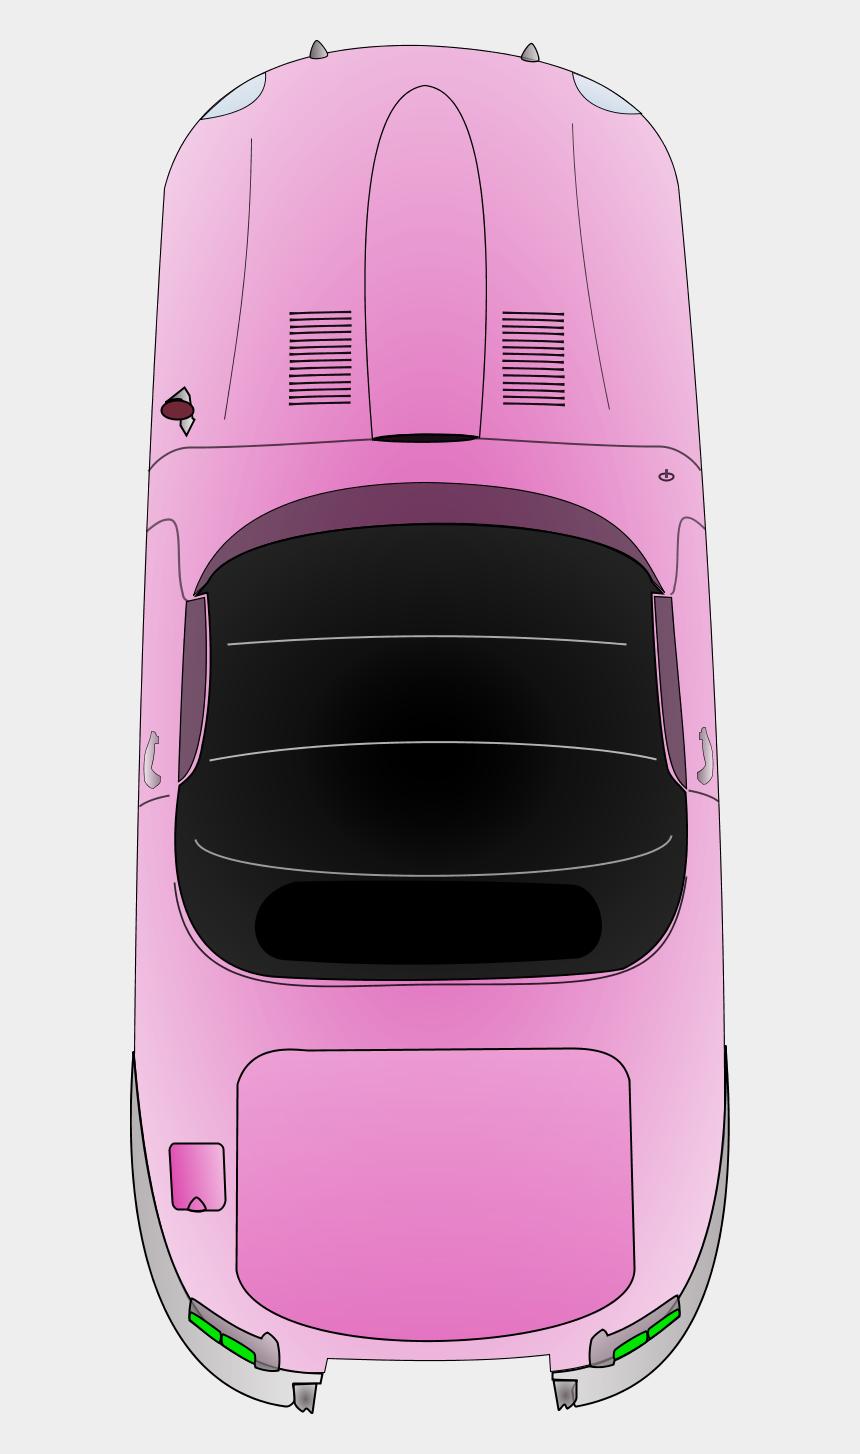 Race Car Clipart Purple Race Car Clipart Top View Cliparts